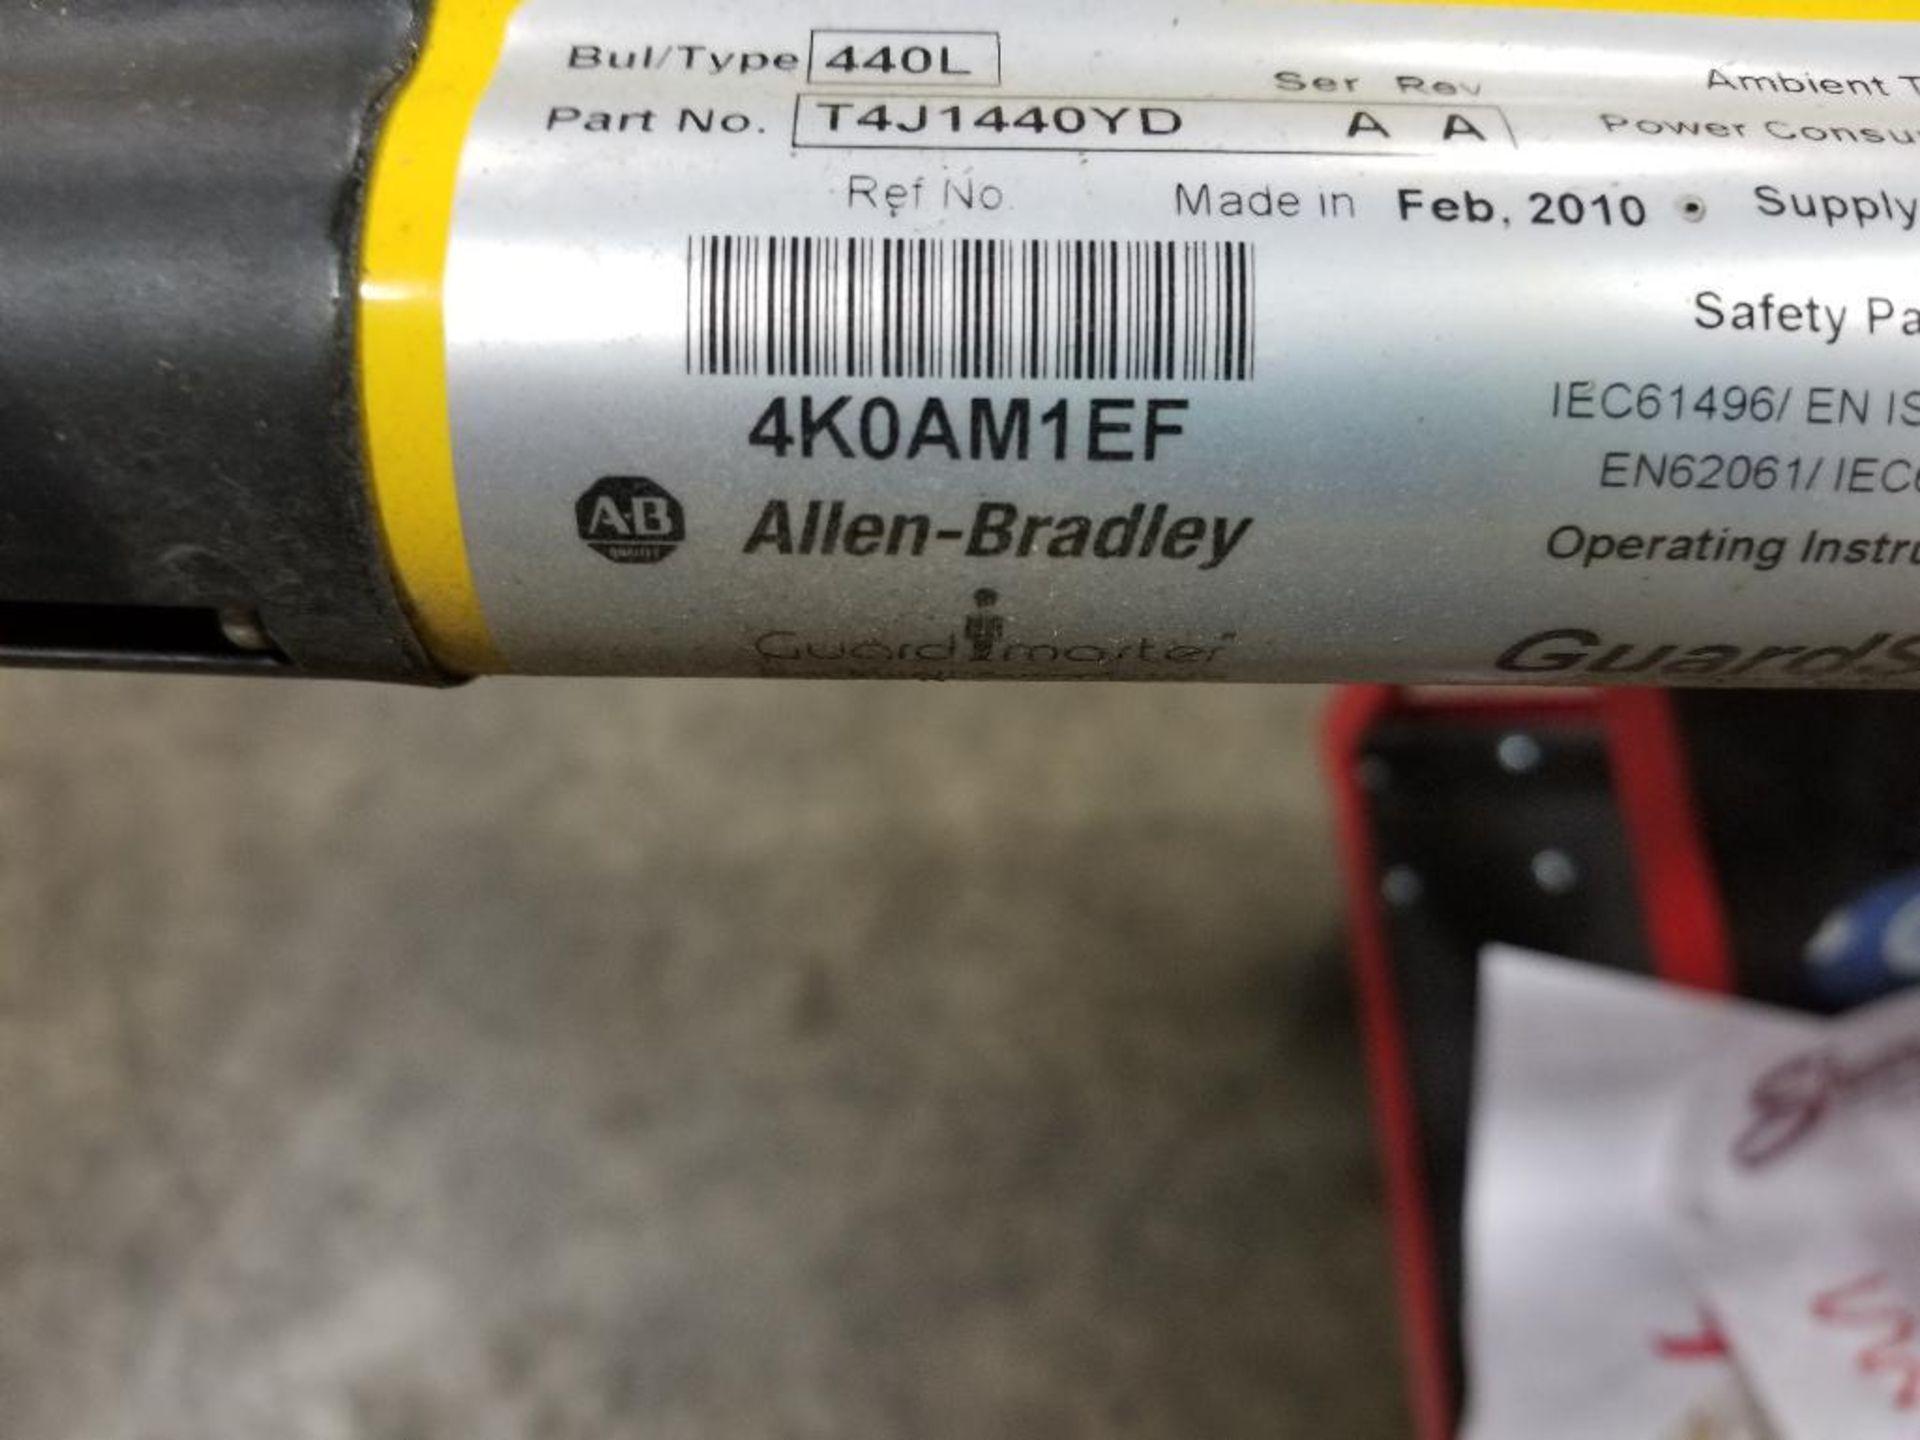 Allen Bradley Light curtain transmitter / receiver set. GuardMaster GuardShield T4J440YD 4K0AM1EF. - Image 9 of 23